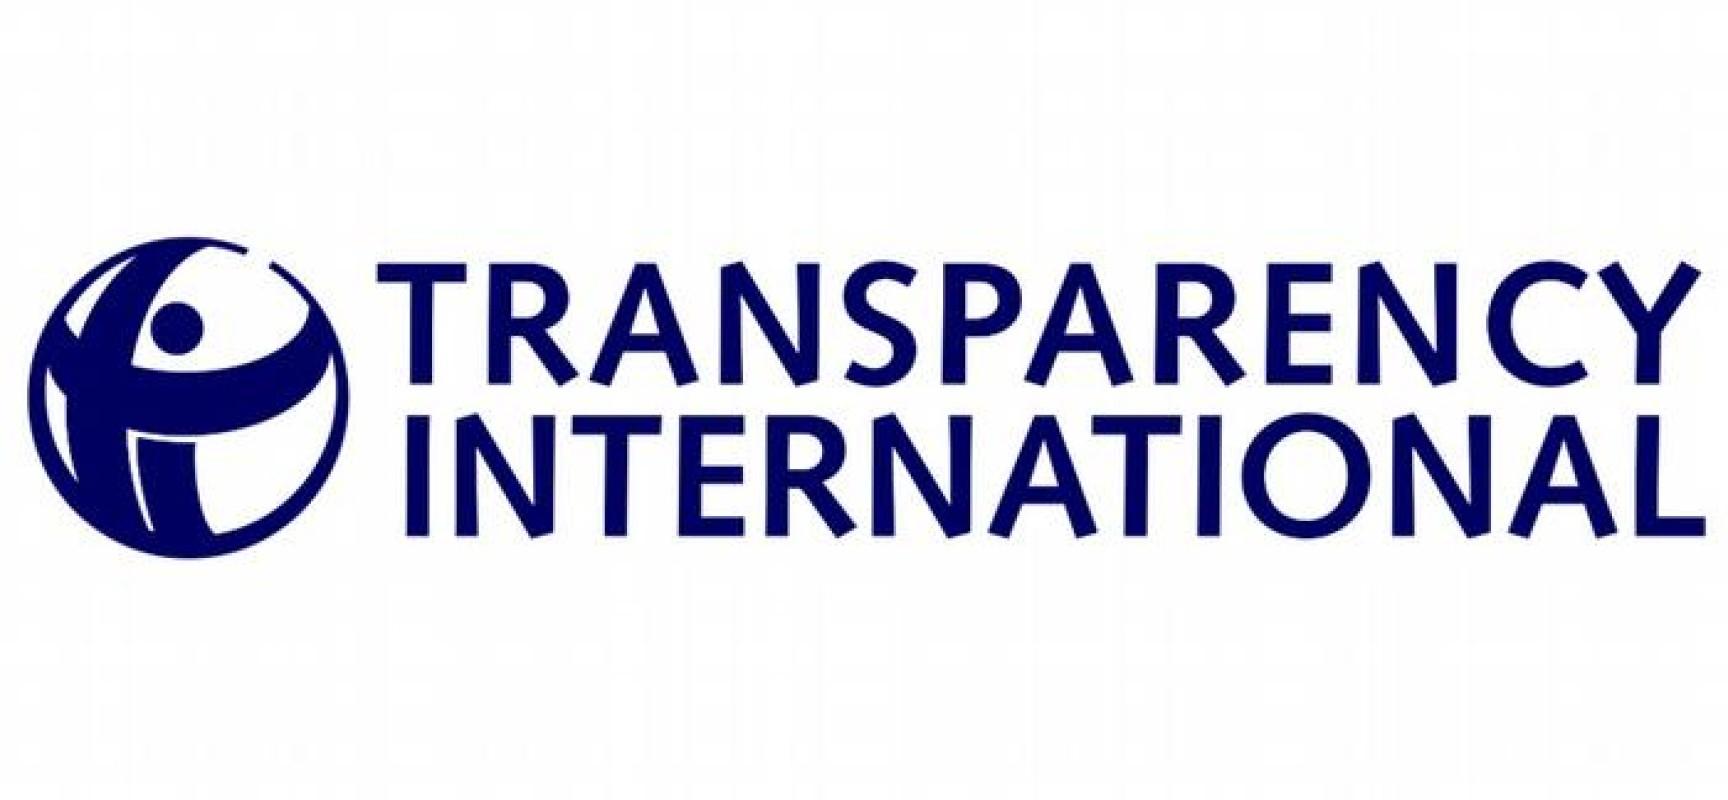 Трансперенси Интернешнл — центр антикоррупционных исследований и инициатив